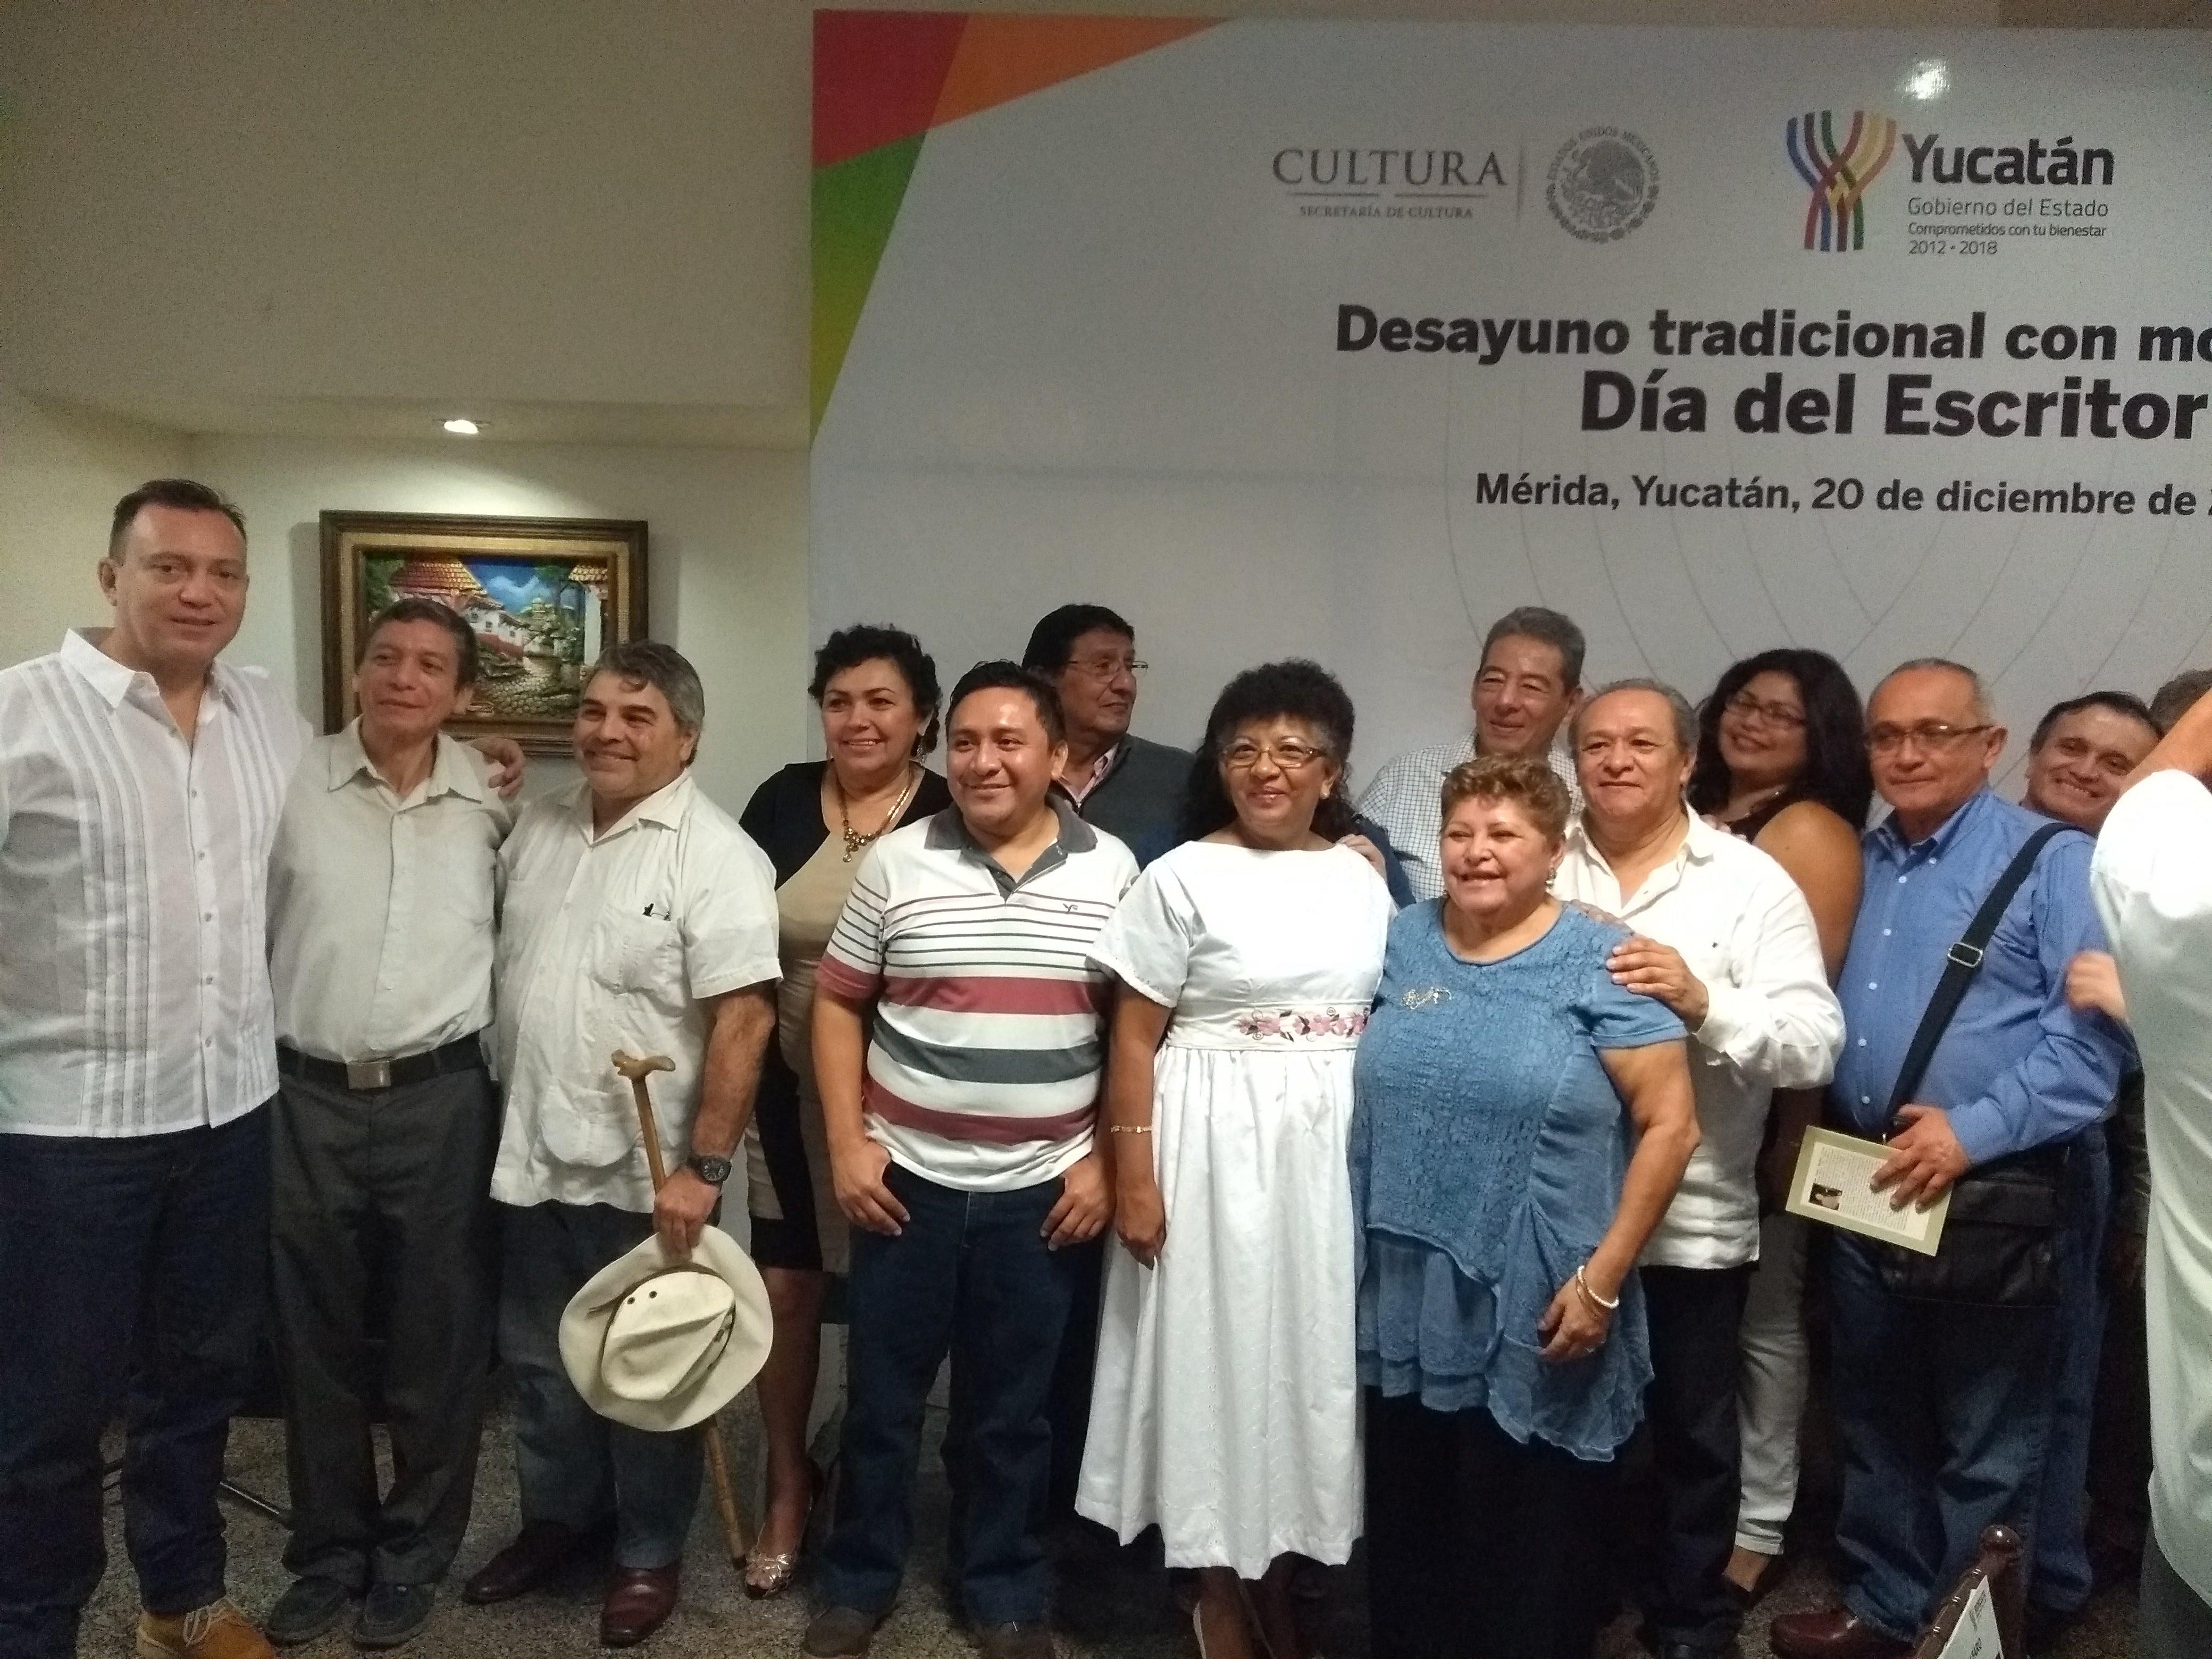 'Sacuden' Biblioteca Yucatanense y preparan nuevo acervo